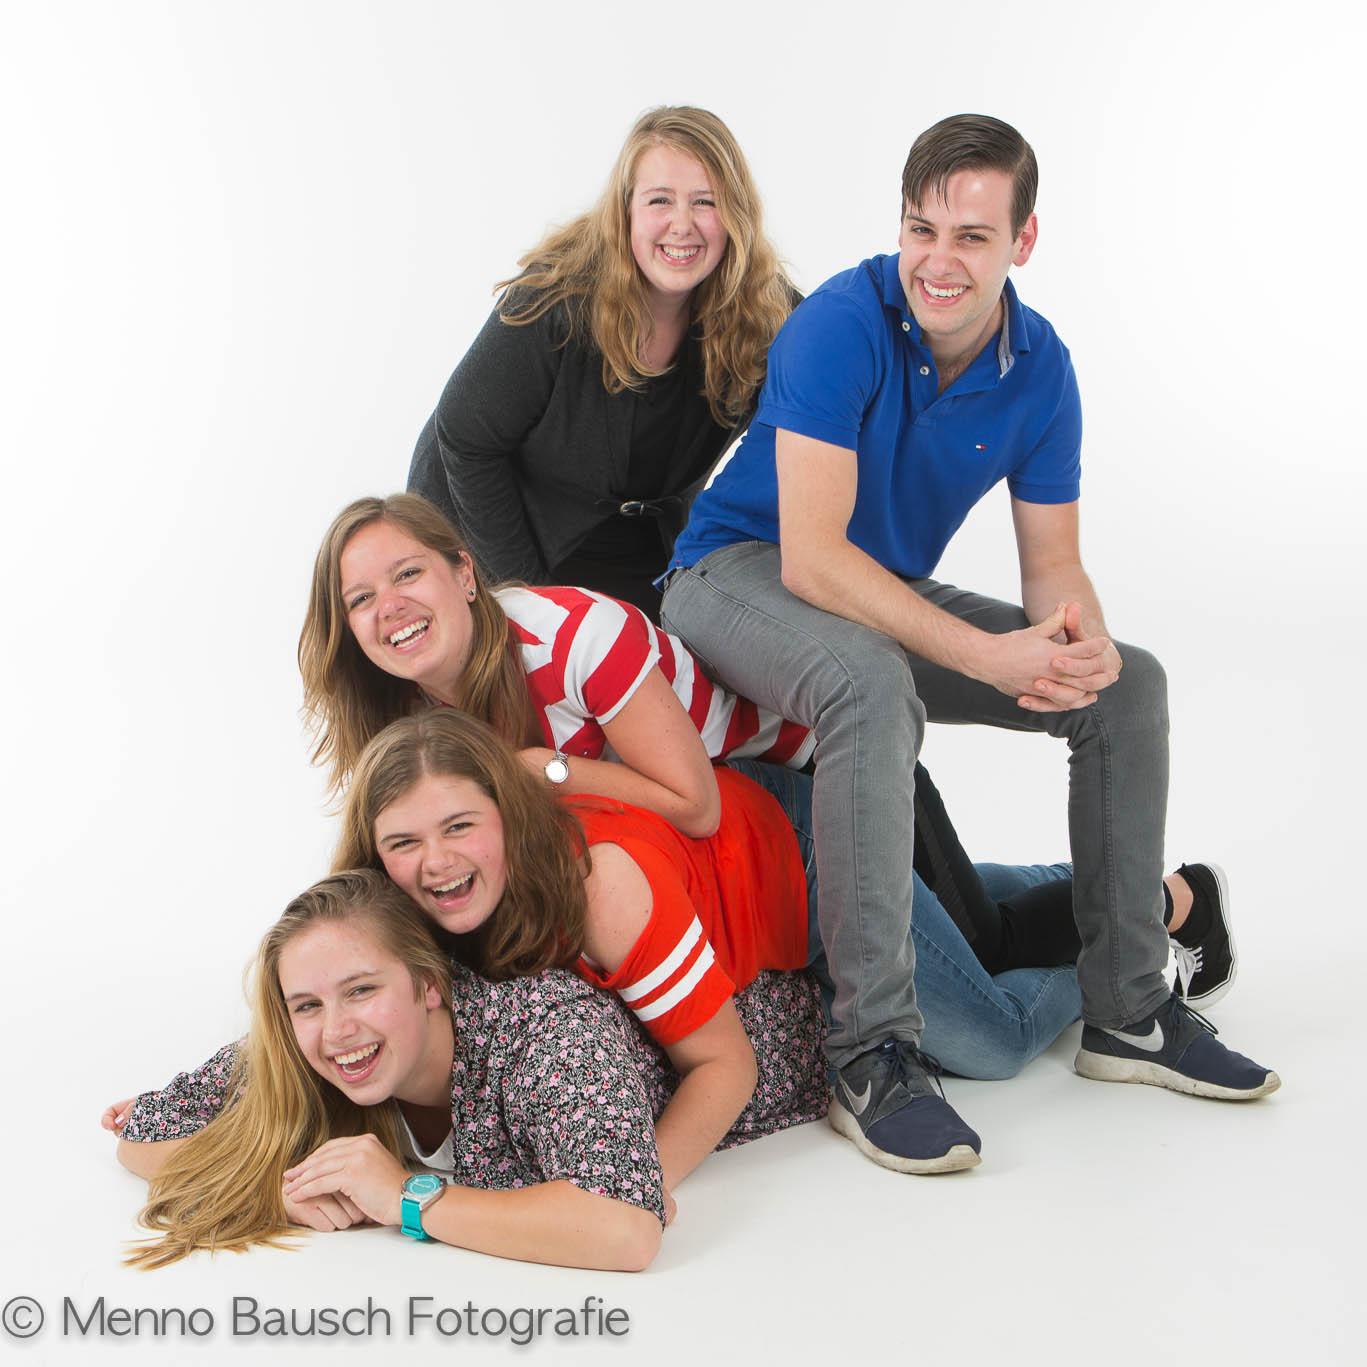 Menno Bausch Fotografie101